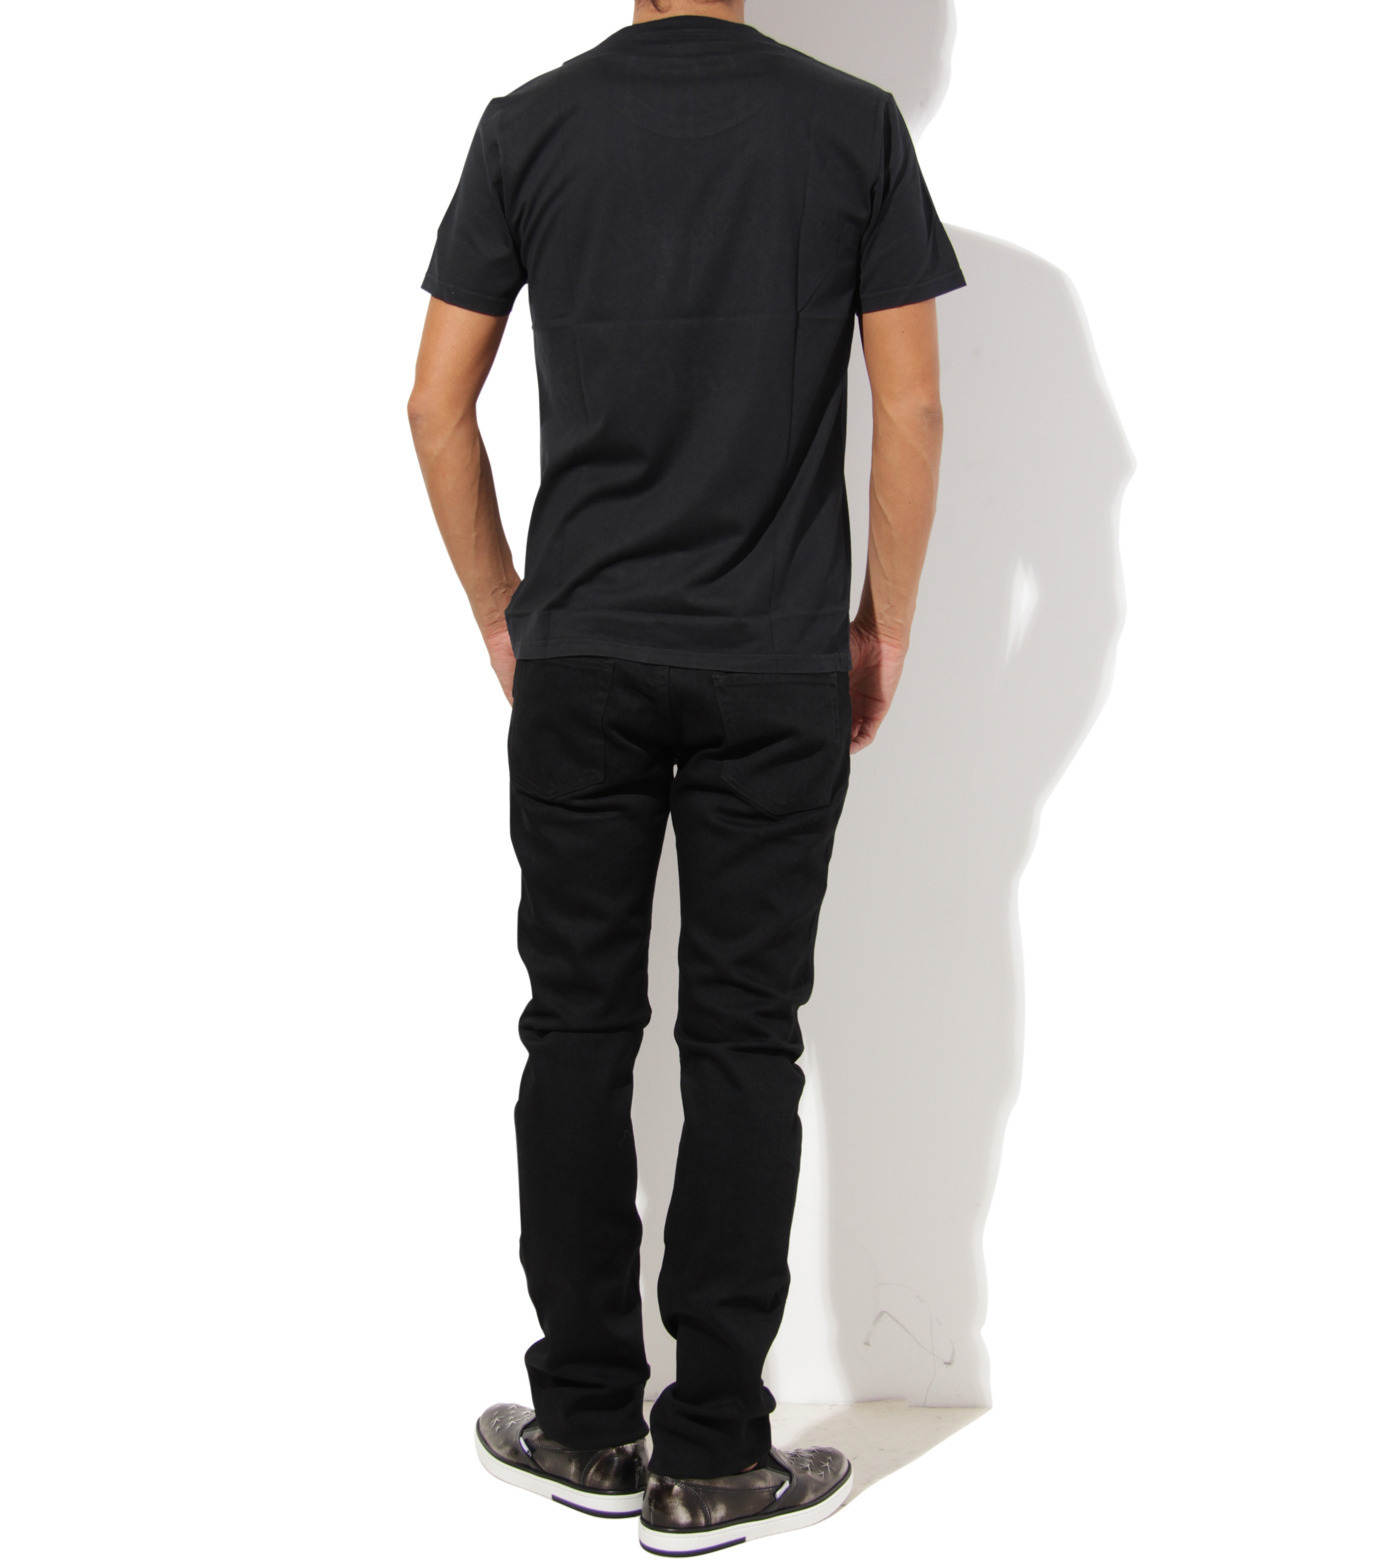 Heddie Lovu(エディー ルーヴ)のU NECK 【MACHO】-BLACK(カットソー/cut and sewn)-ST-M1-00-14A 拡大詳細画像3